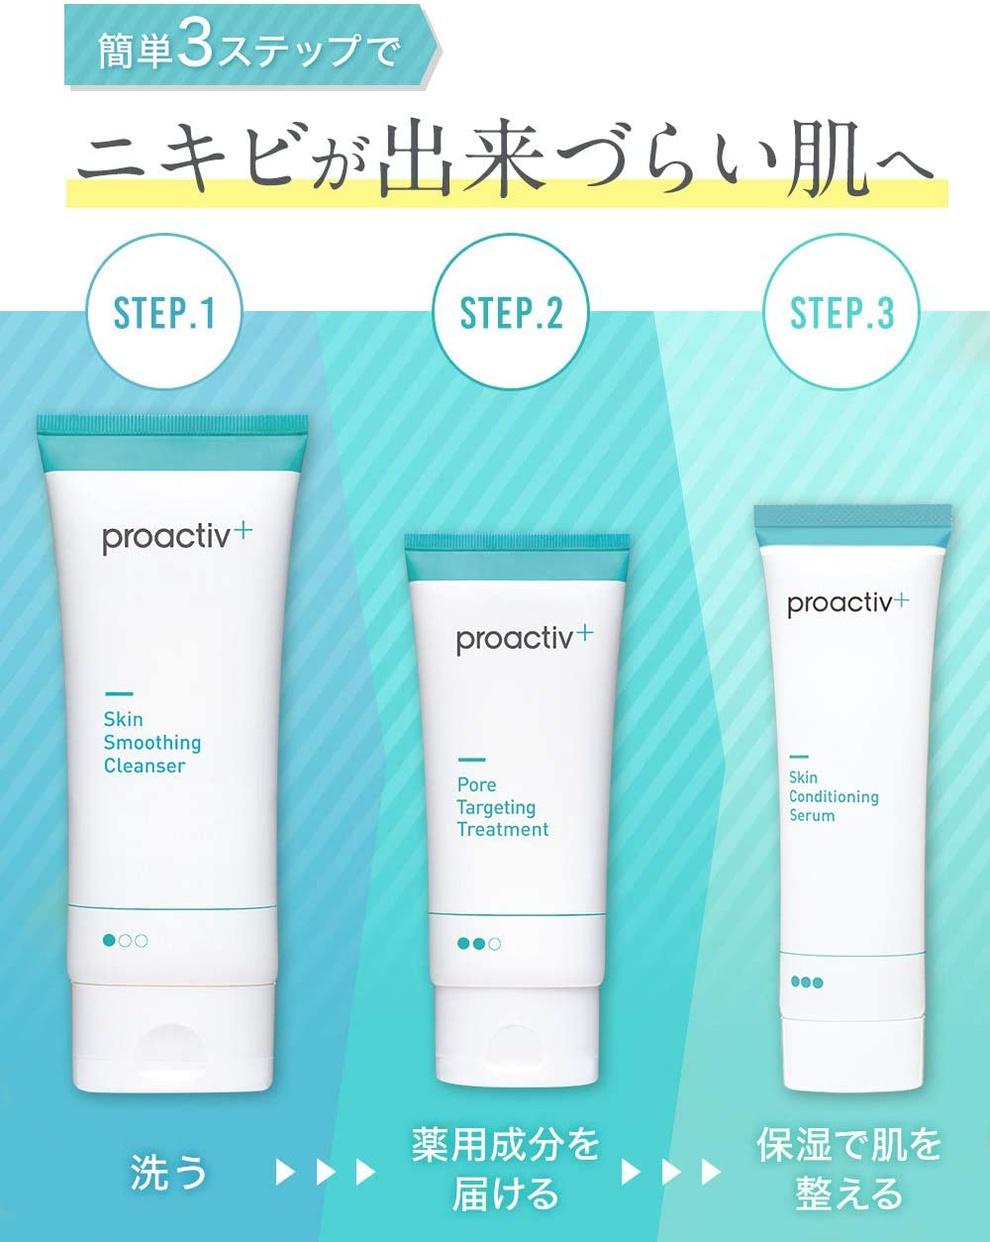 proactiv+(プロアクティブ プラス) スマート セットの商品画像4